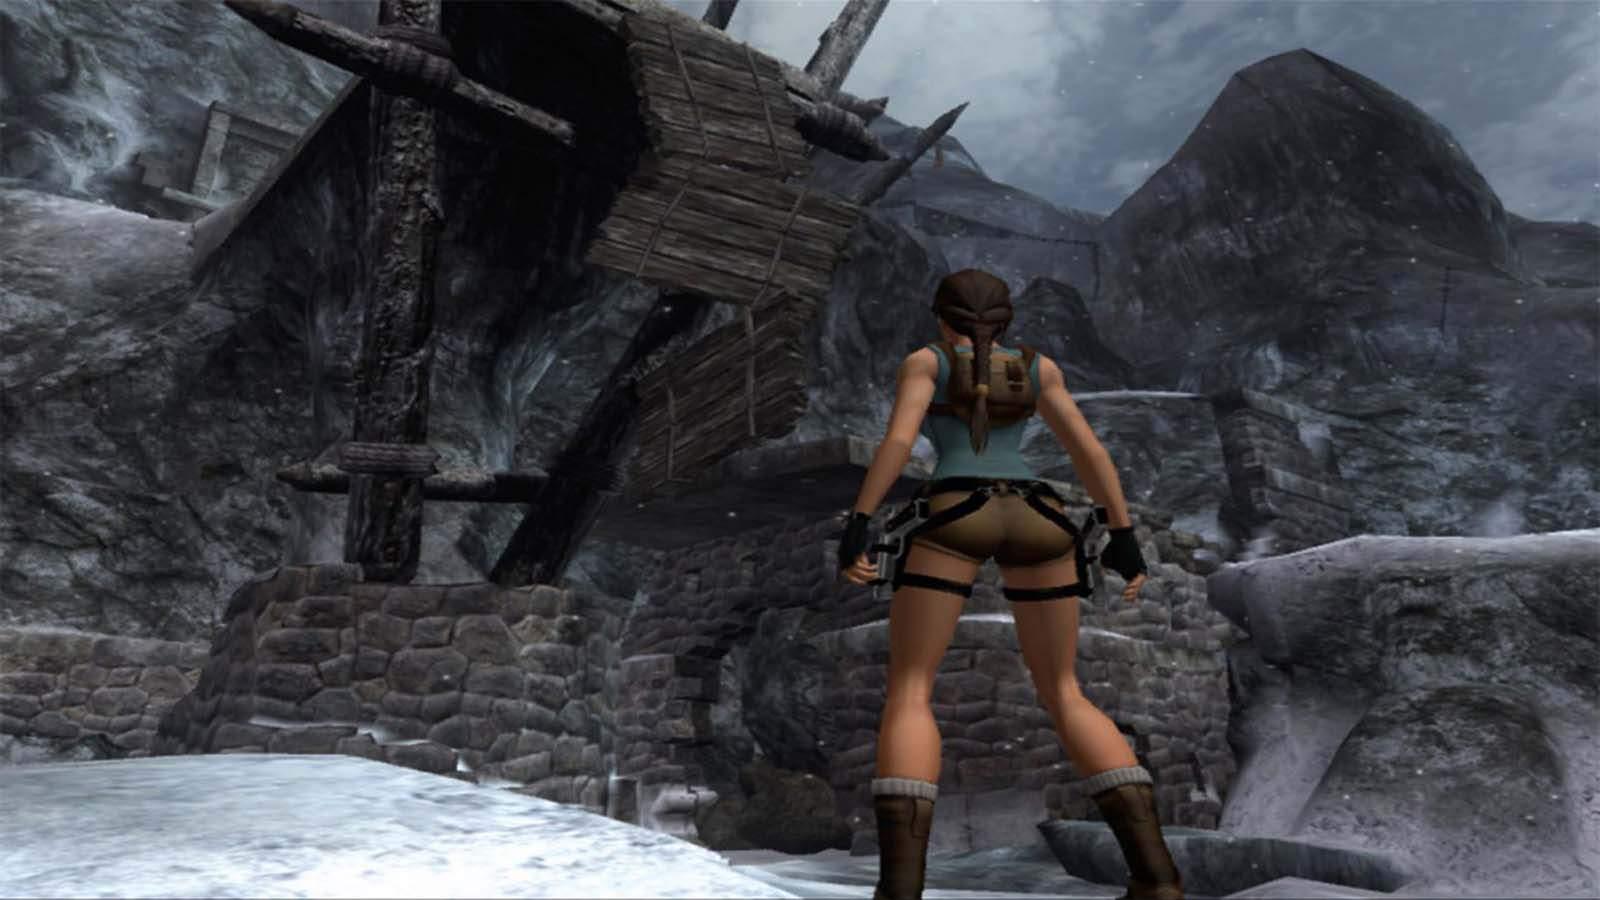 تحميل لعبة Tomb Raider Anniversary مضغوطة برابط واحد مباشر كاملة مجانا